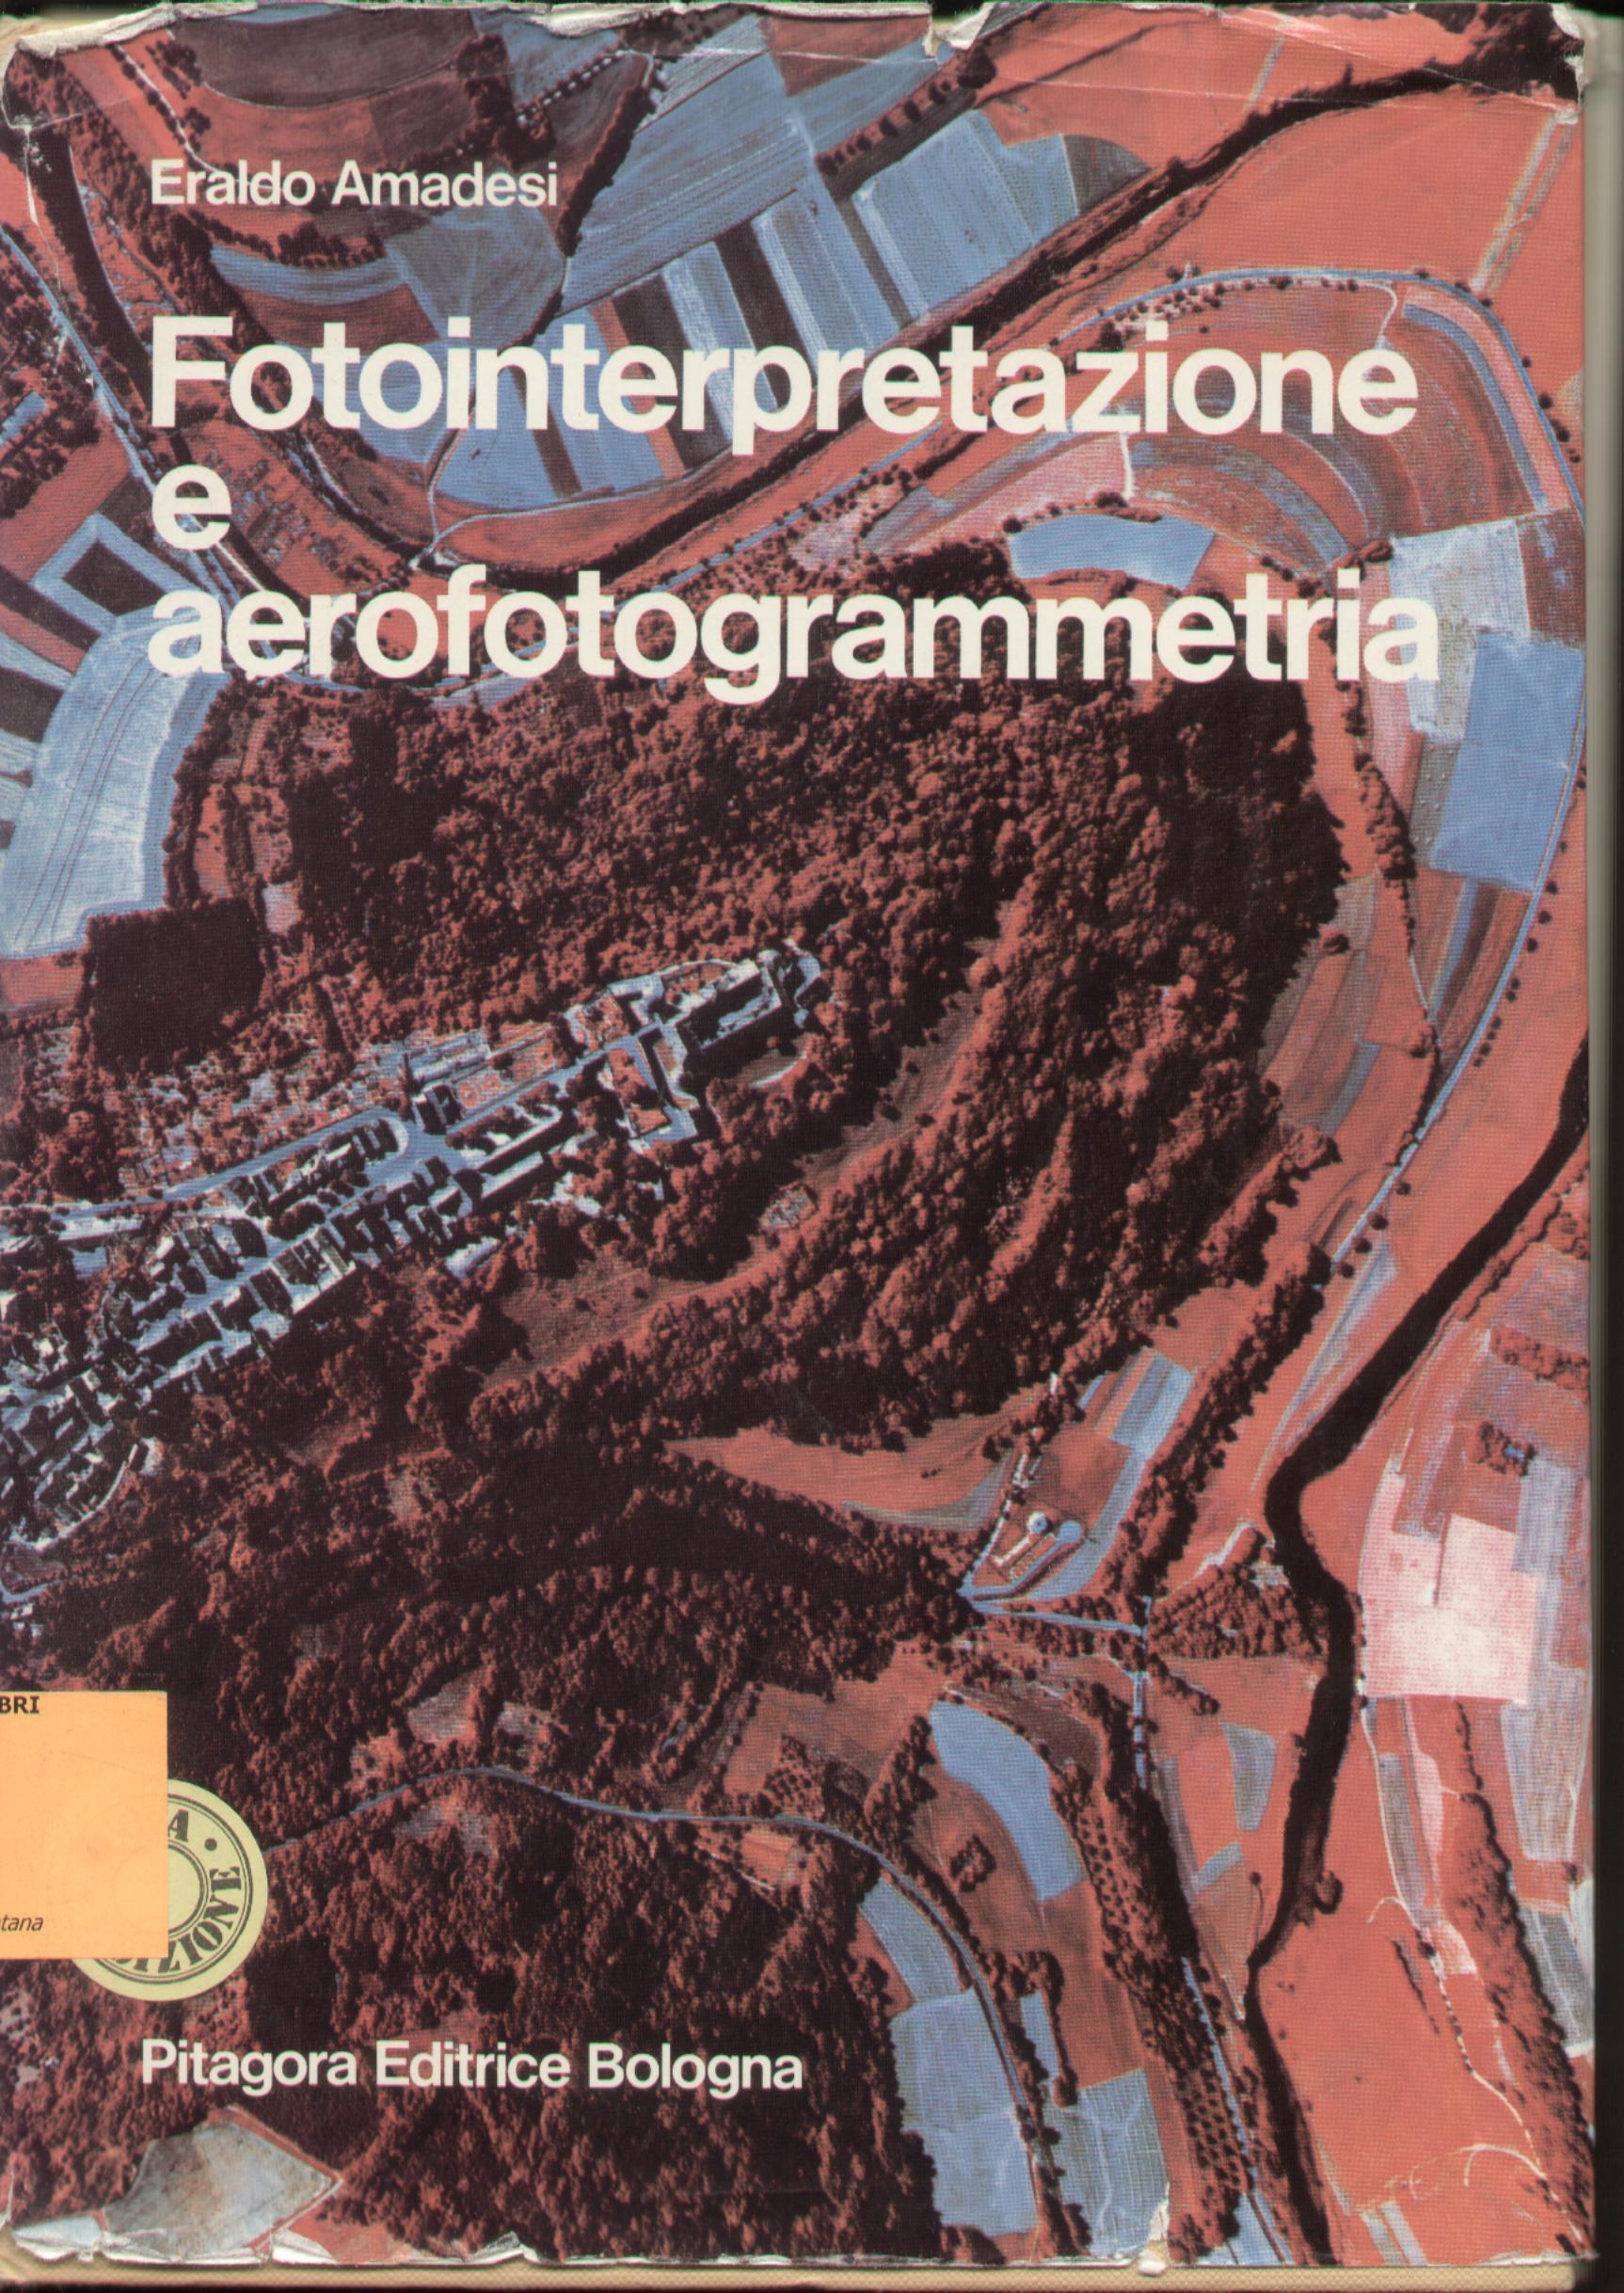 Fotointerpretazione e aerofotogrammetria